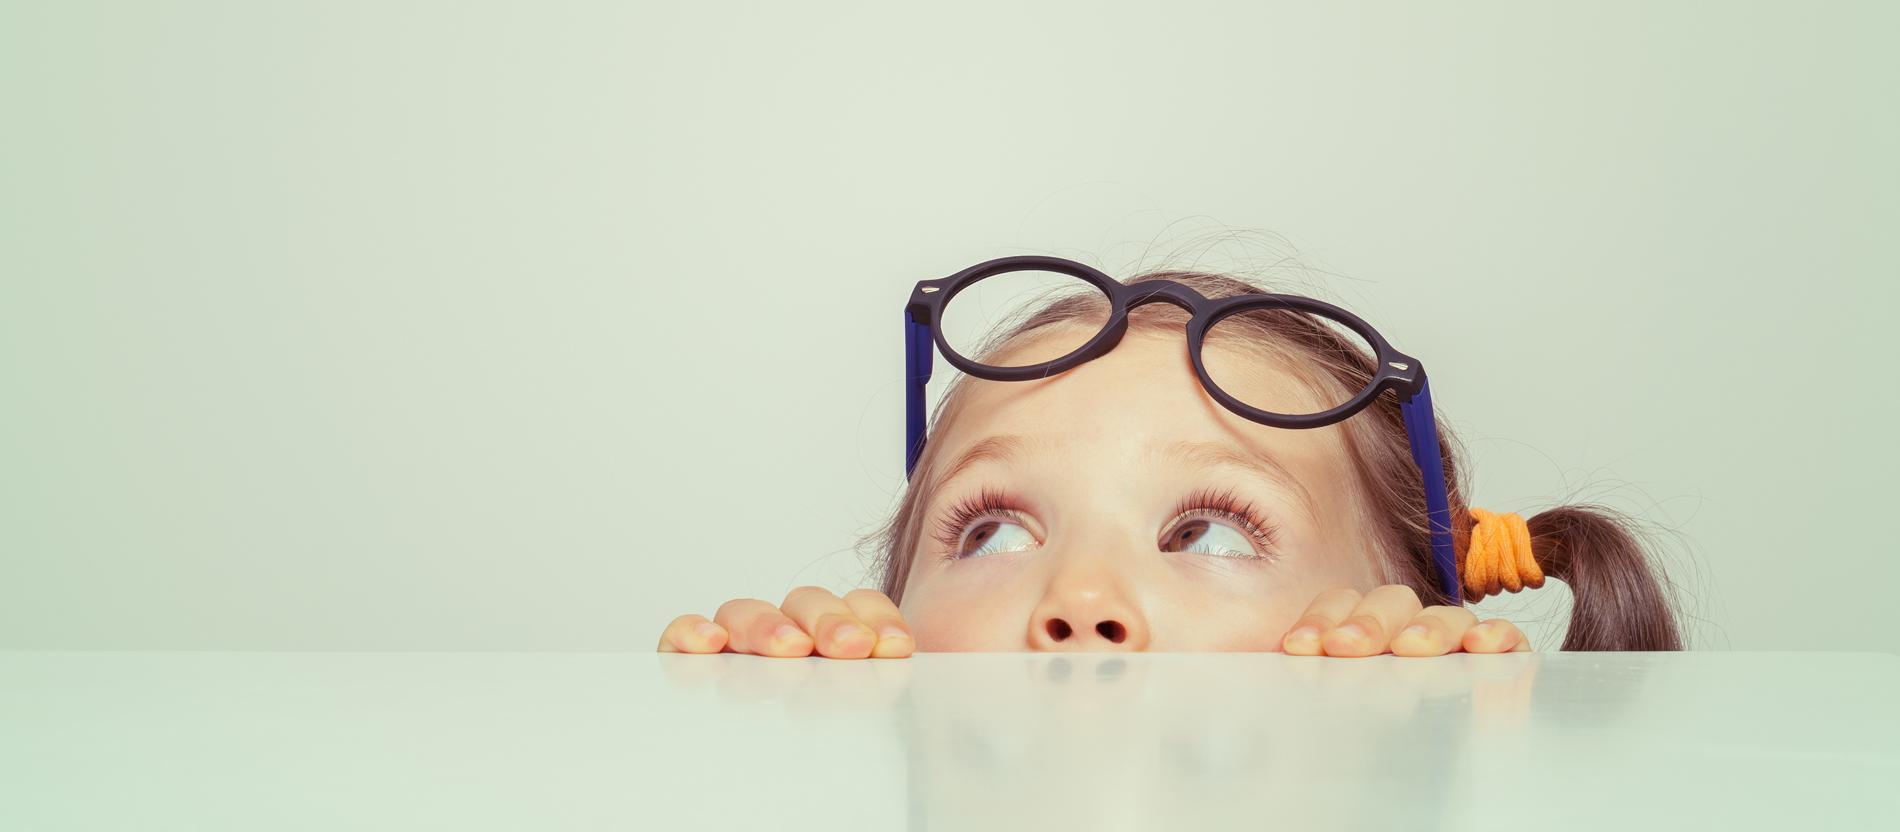 Ein Kind sitzt an einem leeren Tisch und schaut nach oben.